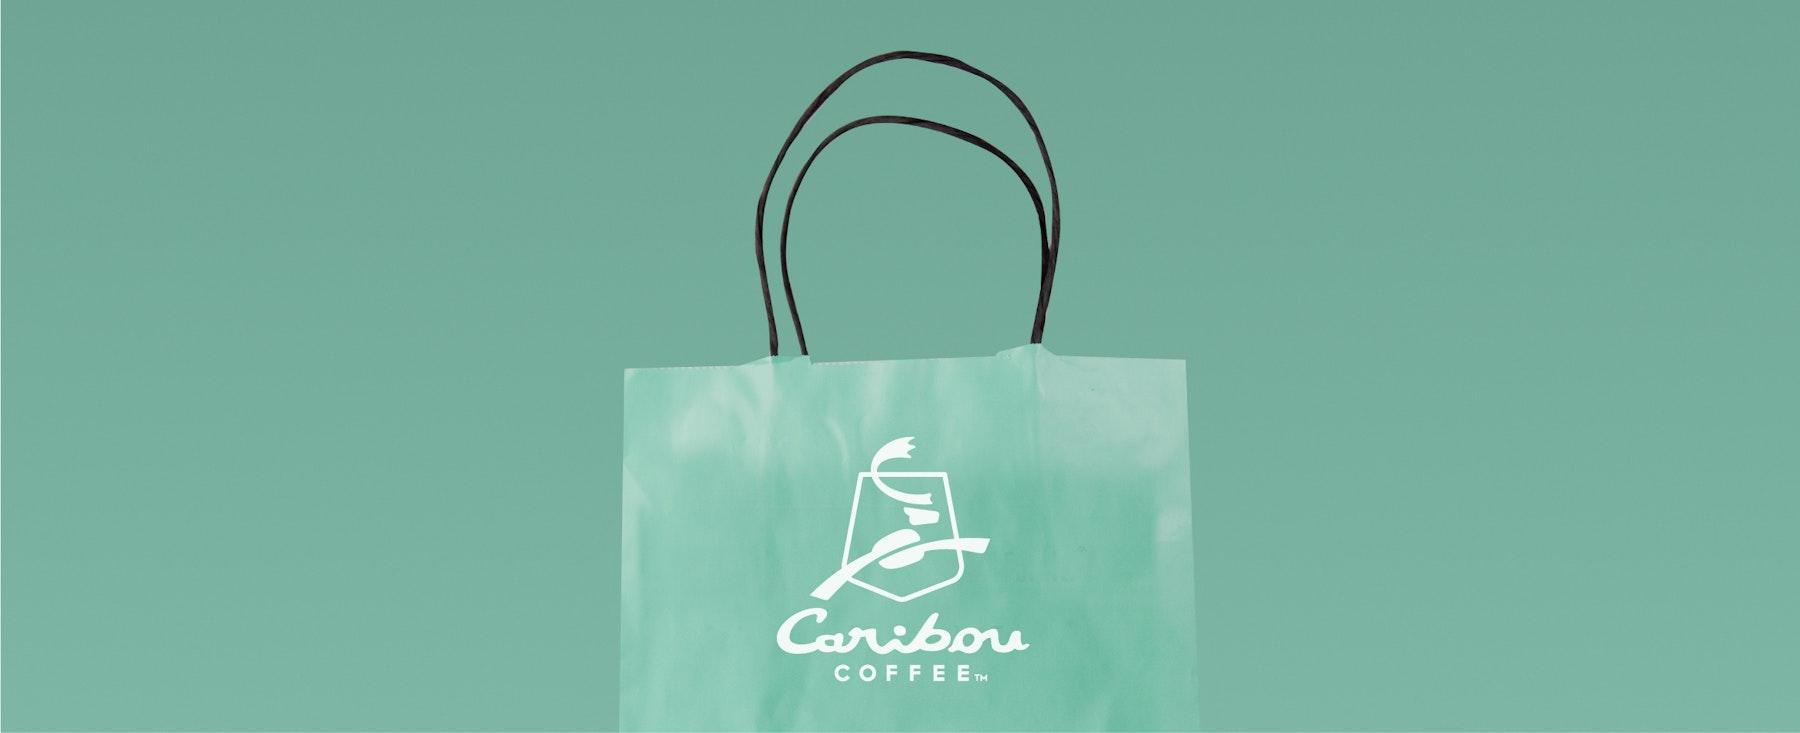 Caribou bag